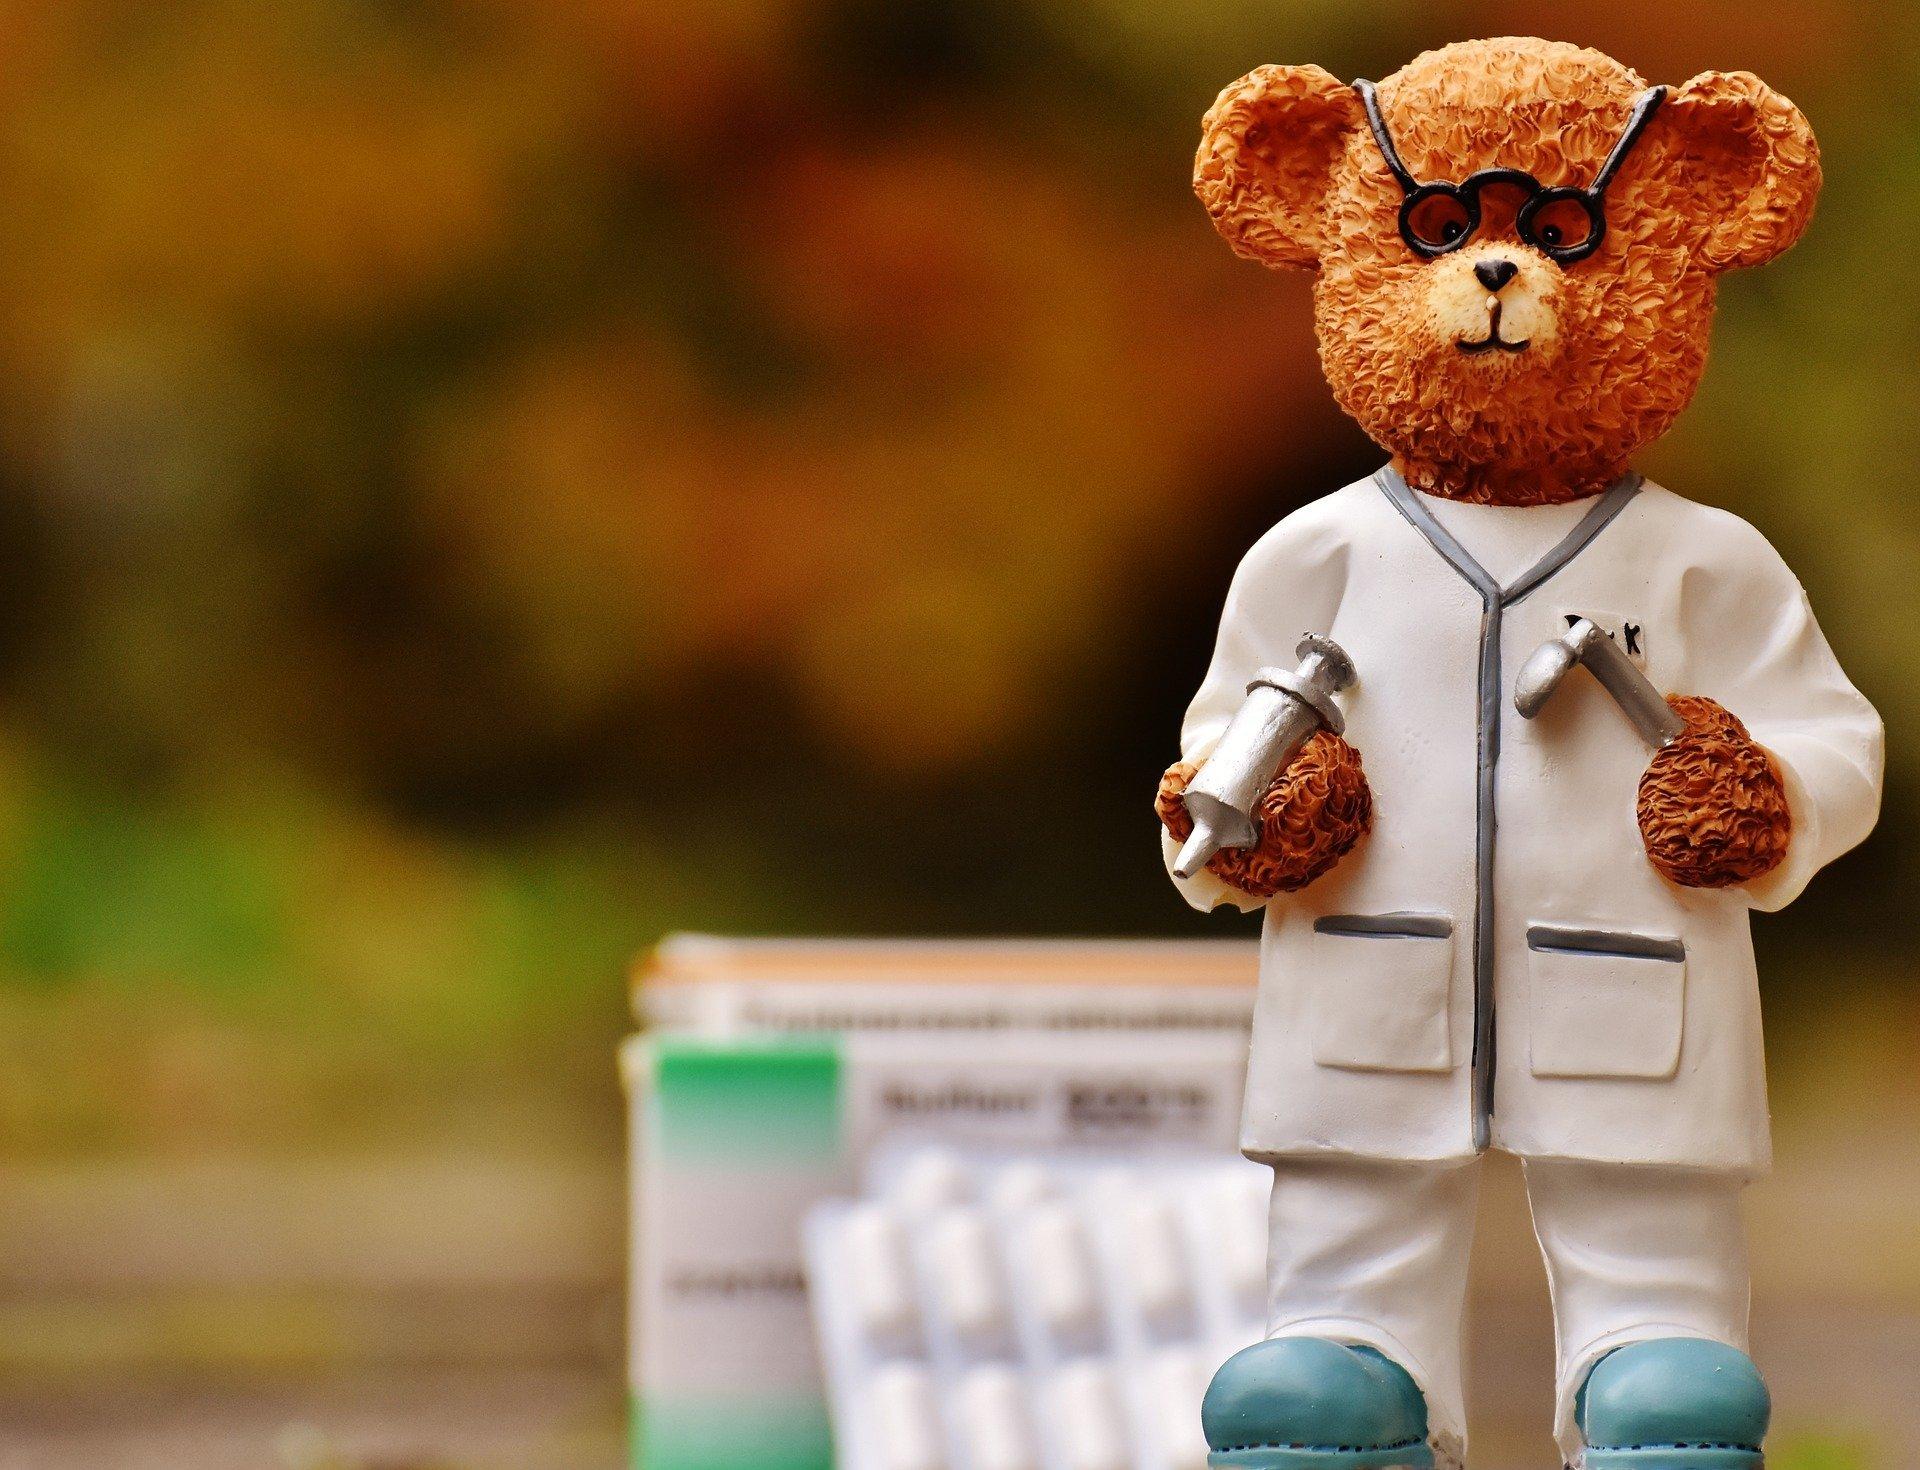 Eccezionale Idee regalo imperdibili per un medico - TopRegalo.it WZ05